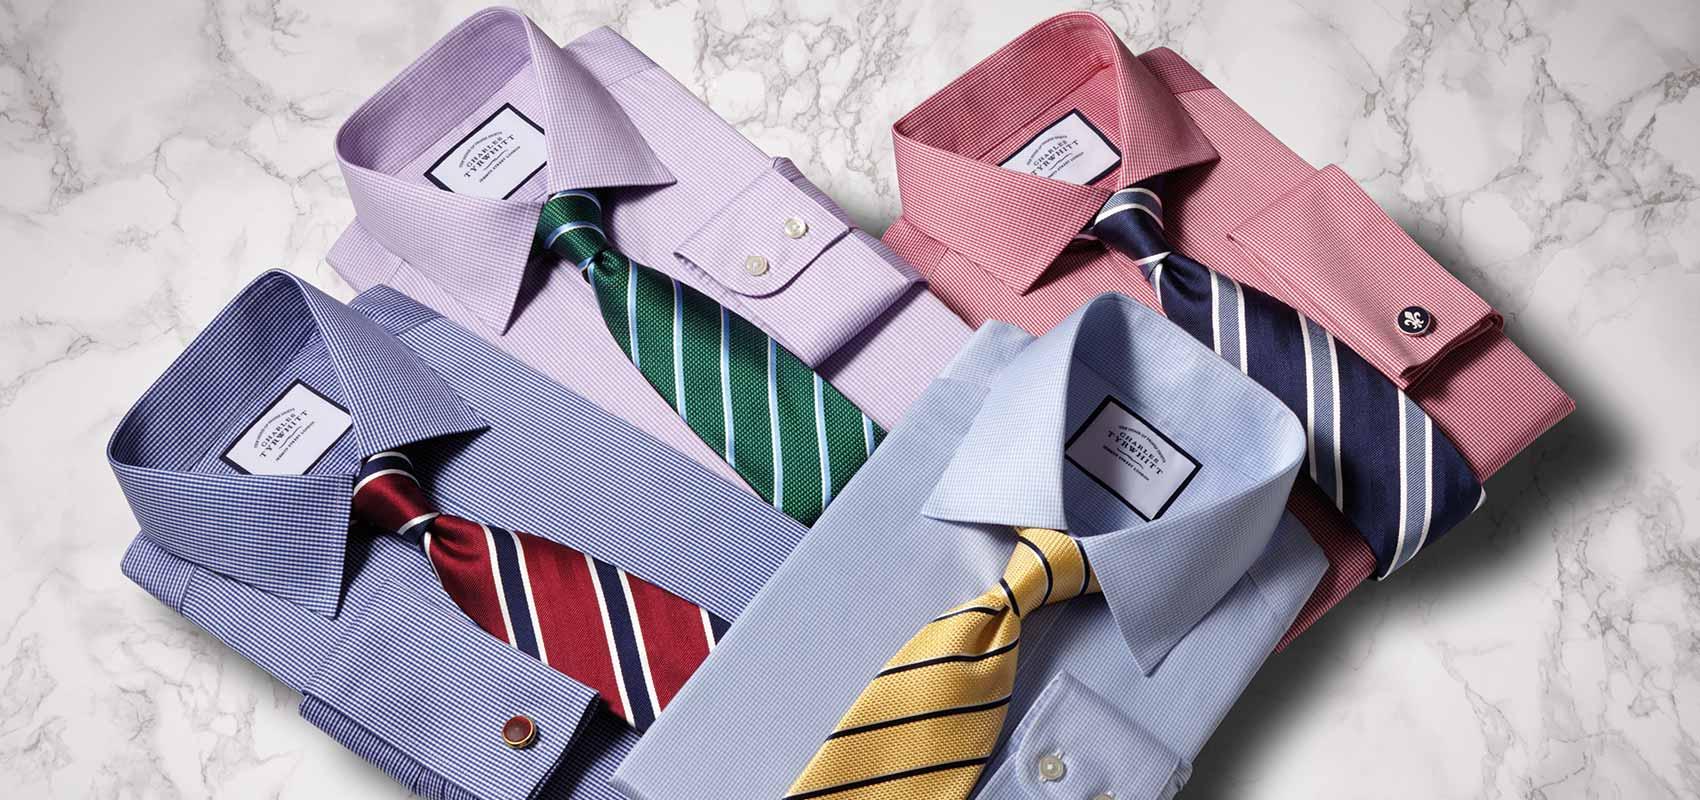 Charles Tyrwhitt non-iron shirts